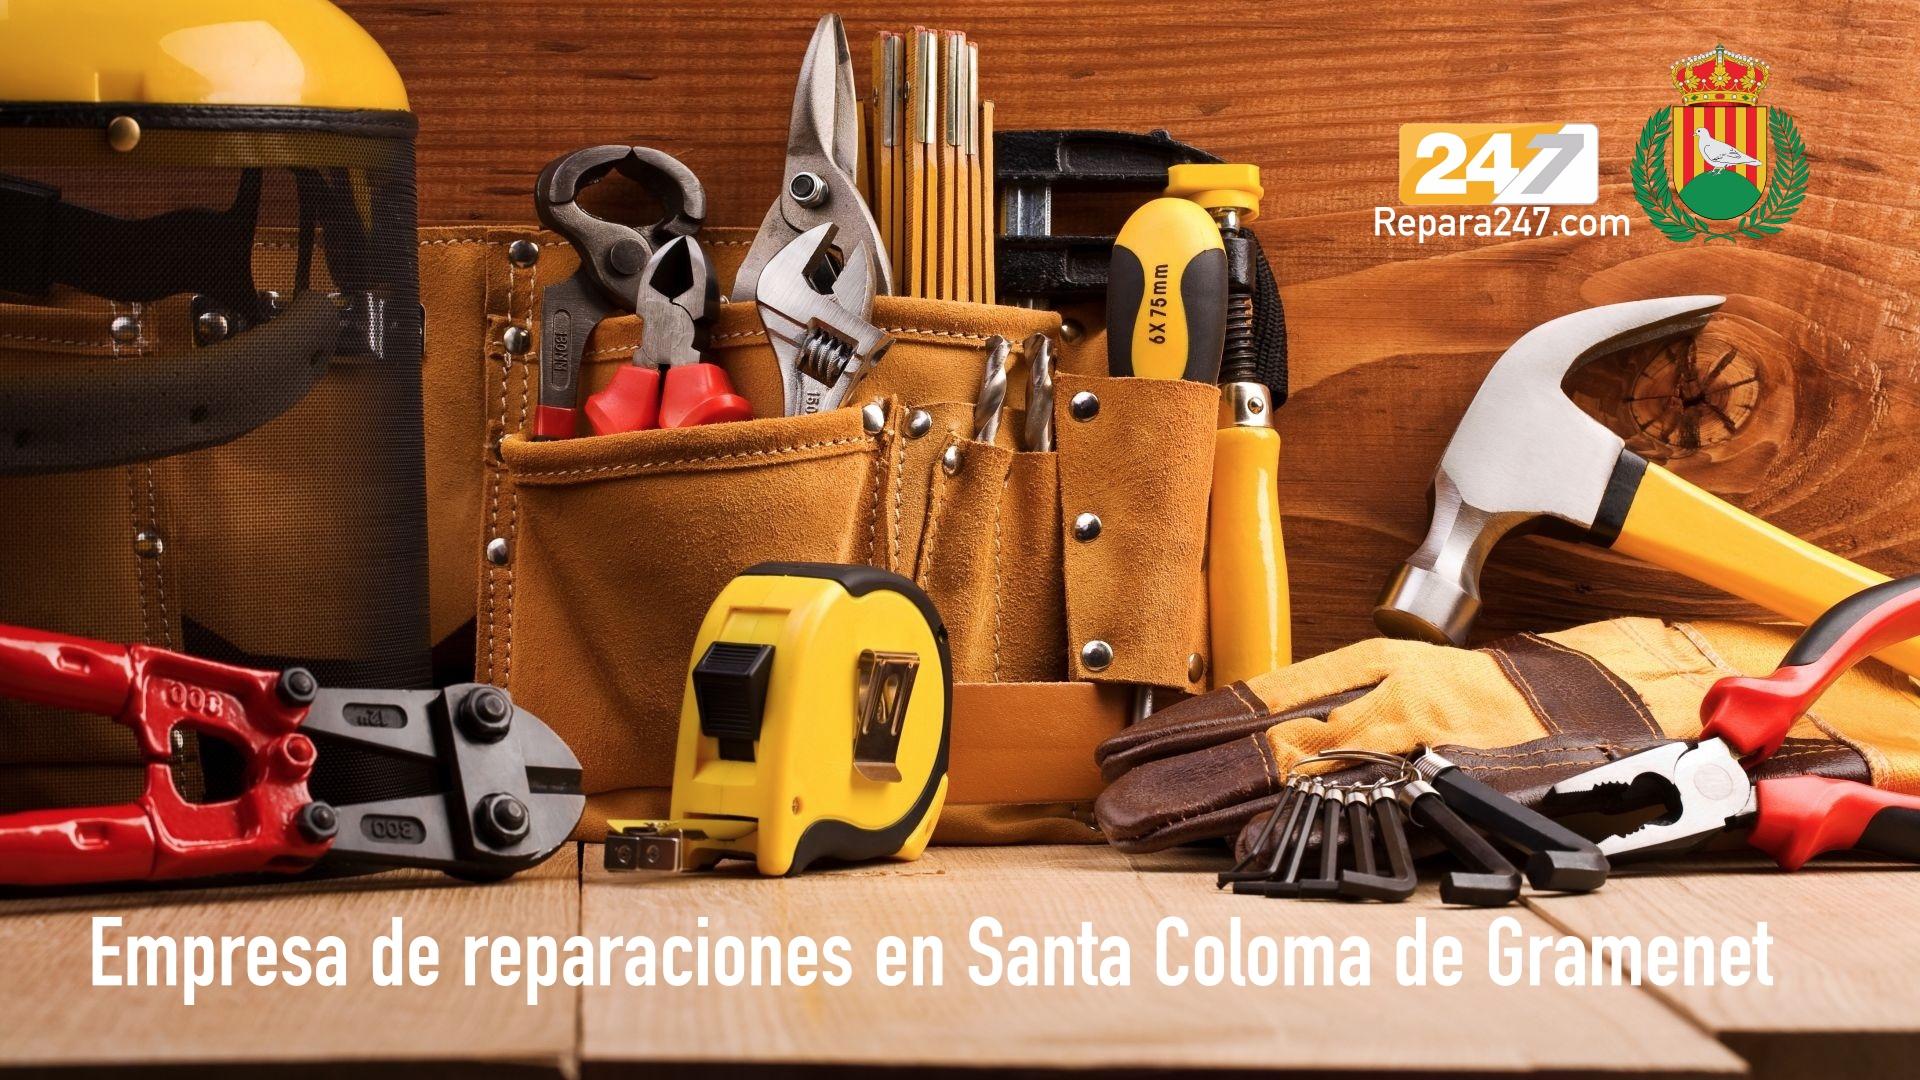 Empresa de reparaciones en Santa Coloma de Gramenet